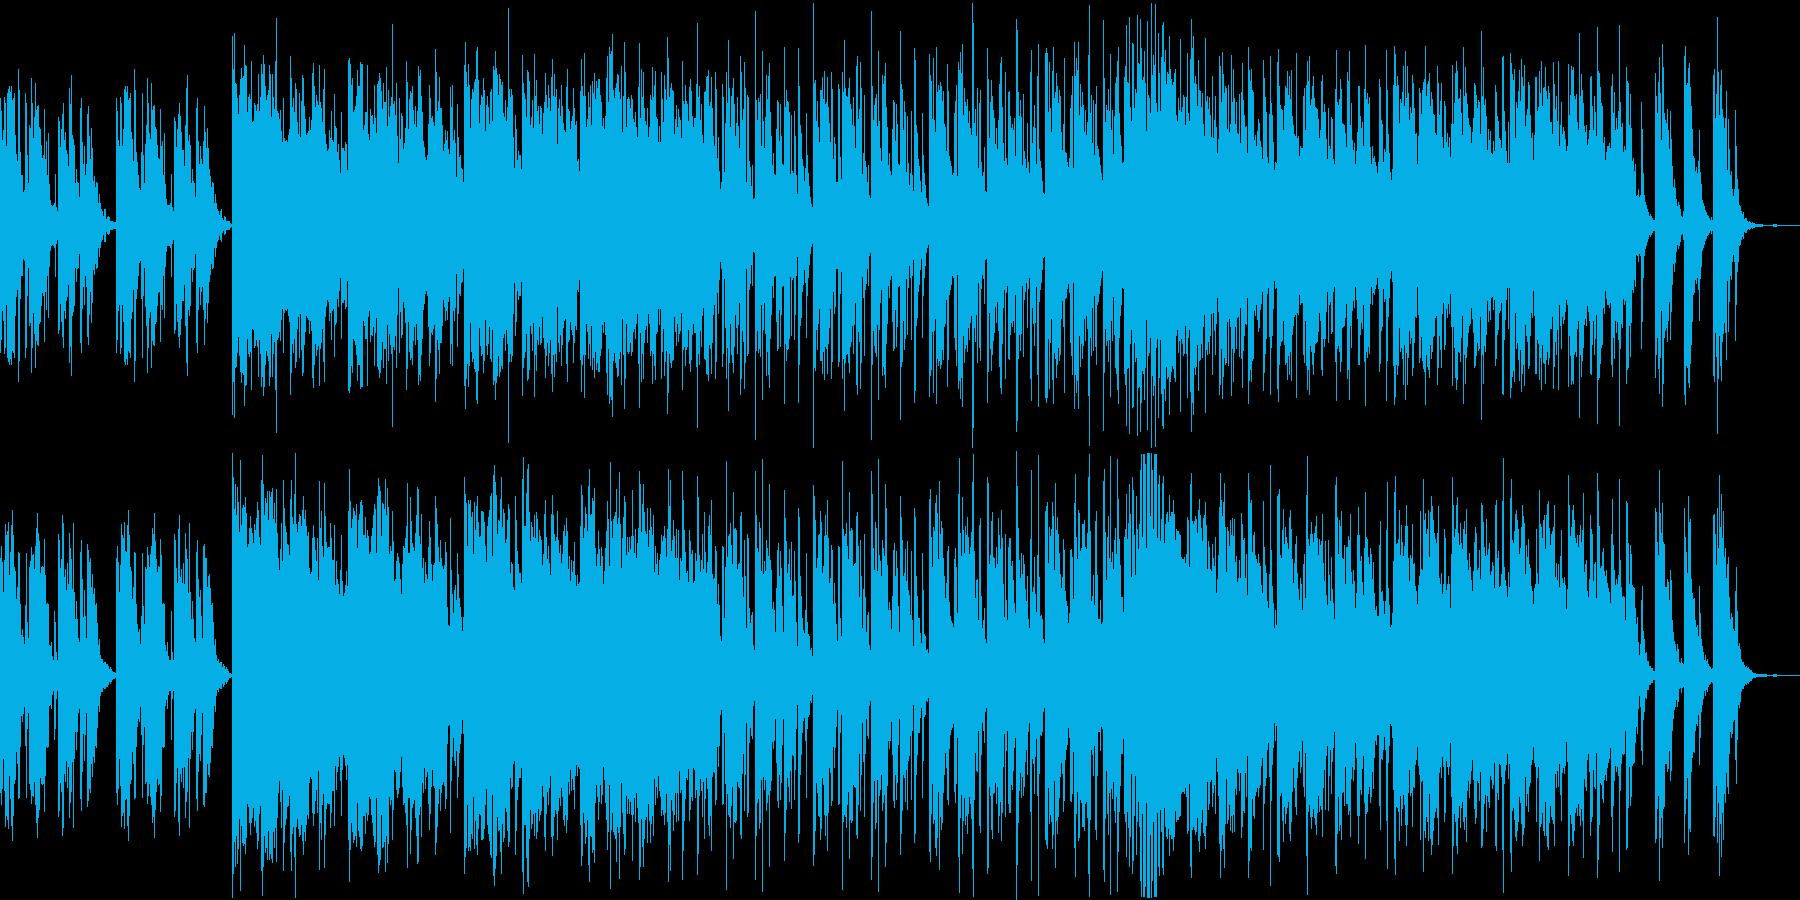 和太鼓メインの和風BGM 修行 開戦前 の再生済みの波形